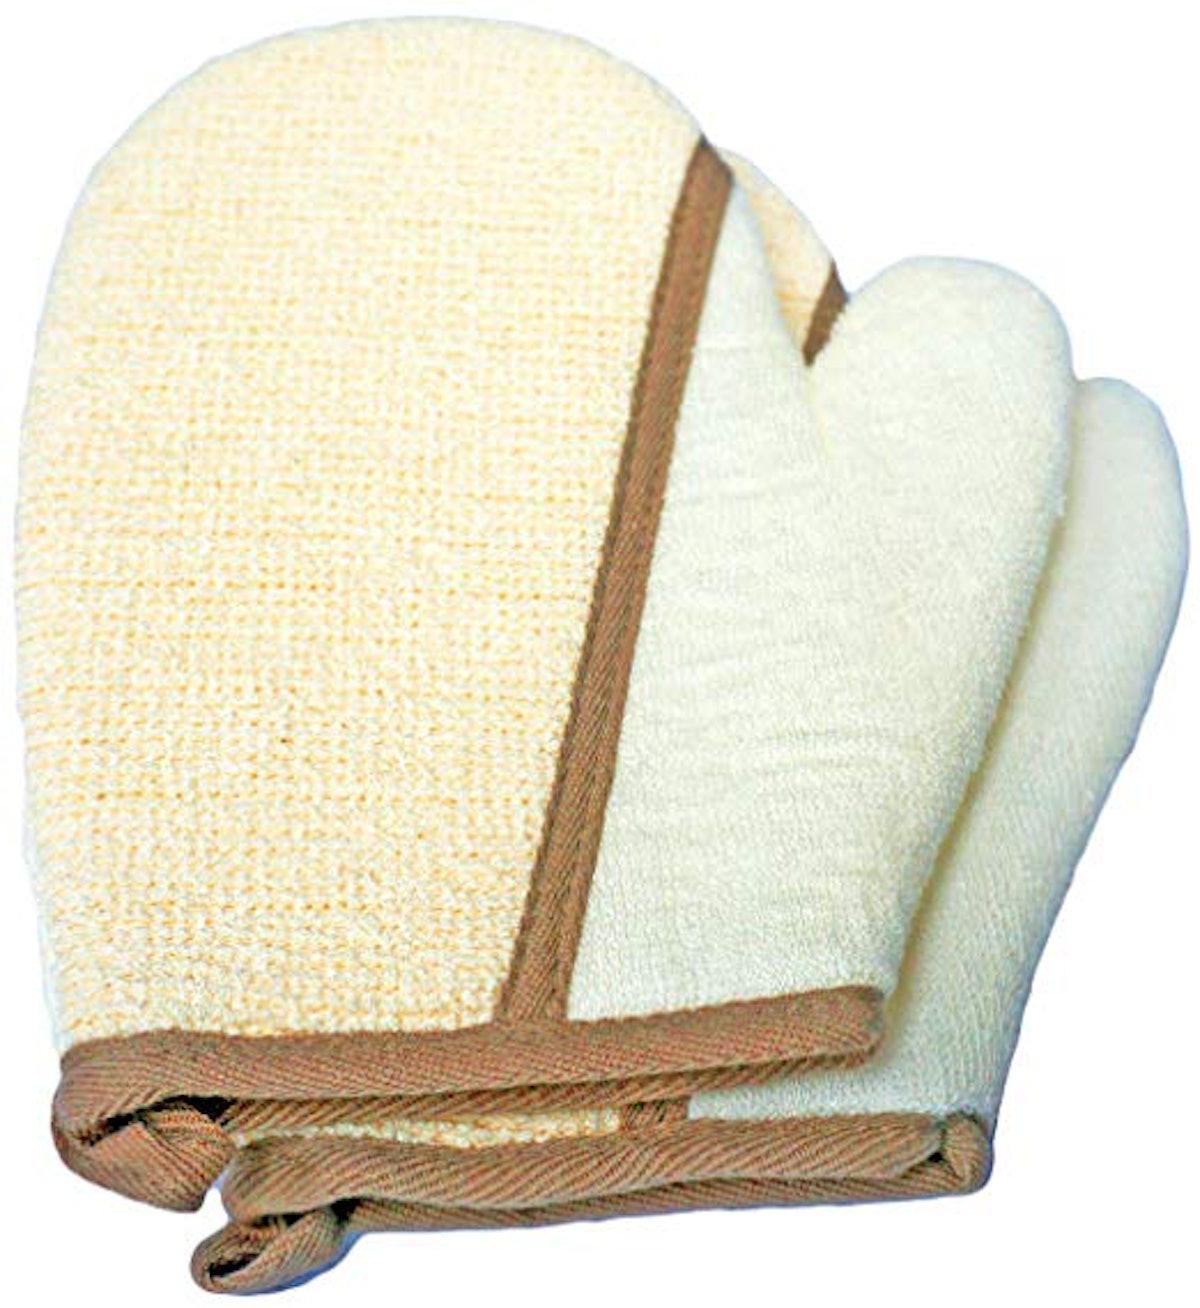 Tang Karrey Exfoliating Cotton Gloves (2 pack)